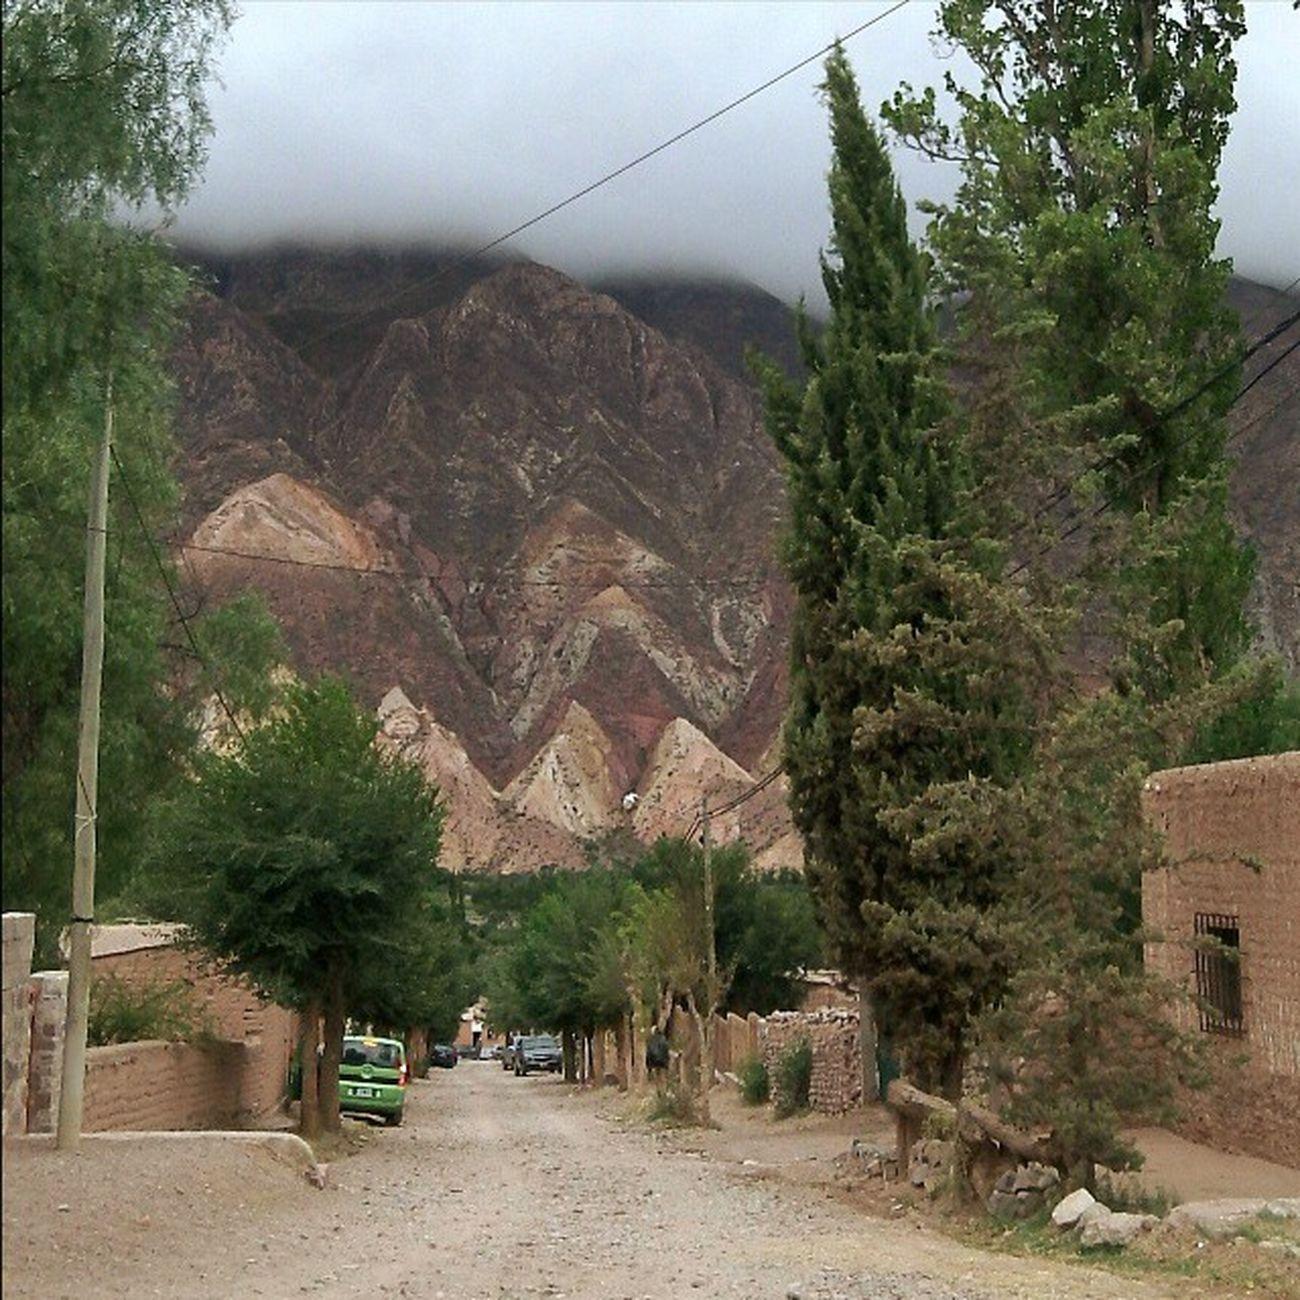 Cerros en Maimará, desde el Hostel La Casa Chica, Jujuy Maimara Jujuy CasaChica